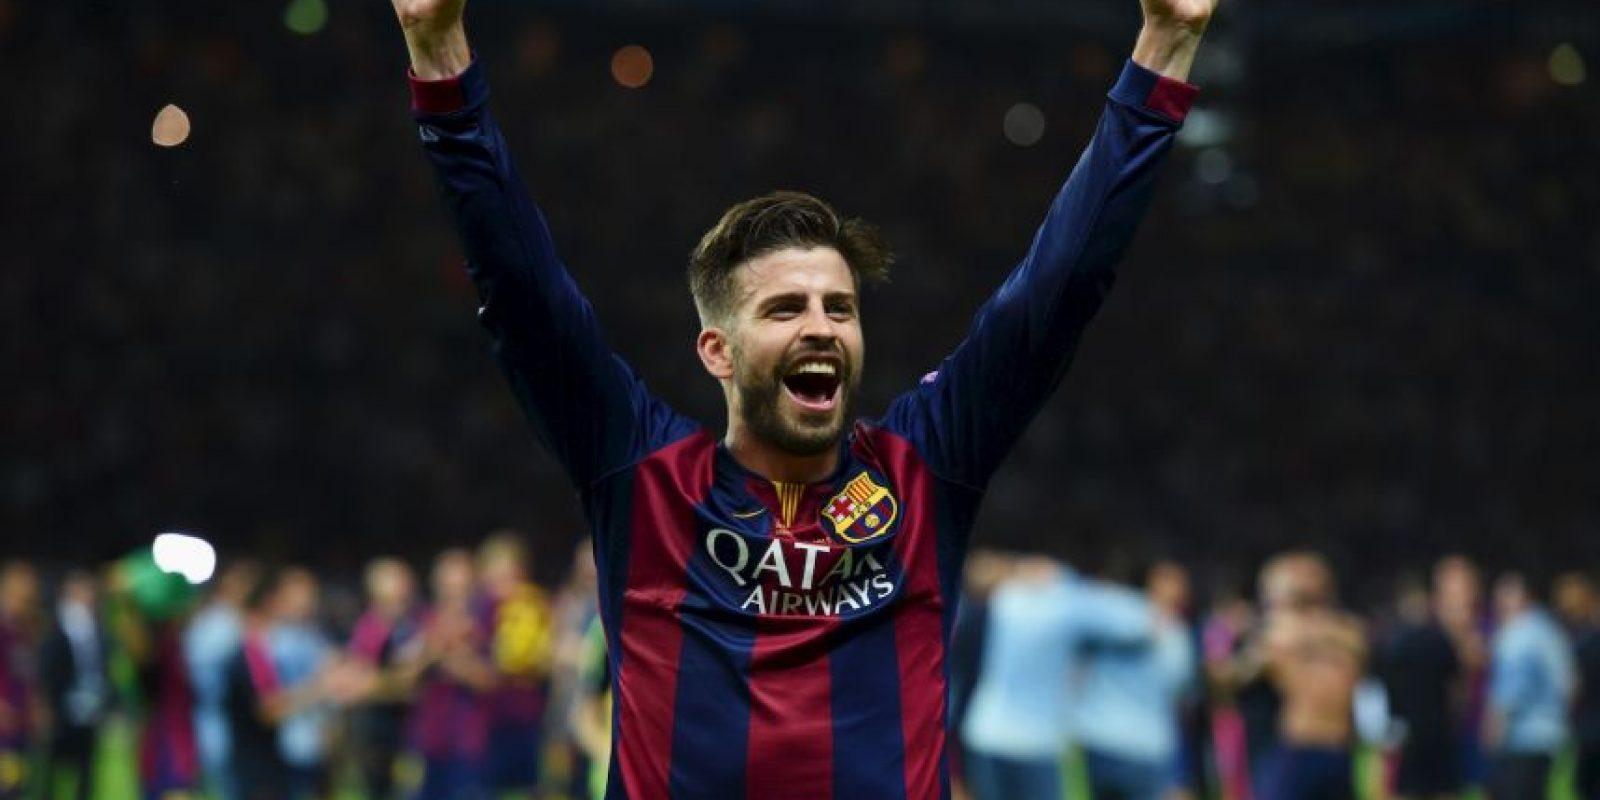 """6. """"Le dije a Iker antes de jugar en el Calderón que ojalá le metieran cuatro y le metieron cuatro"""" Foto:Getty Images"""